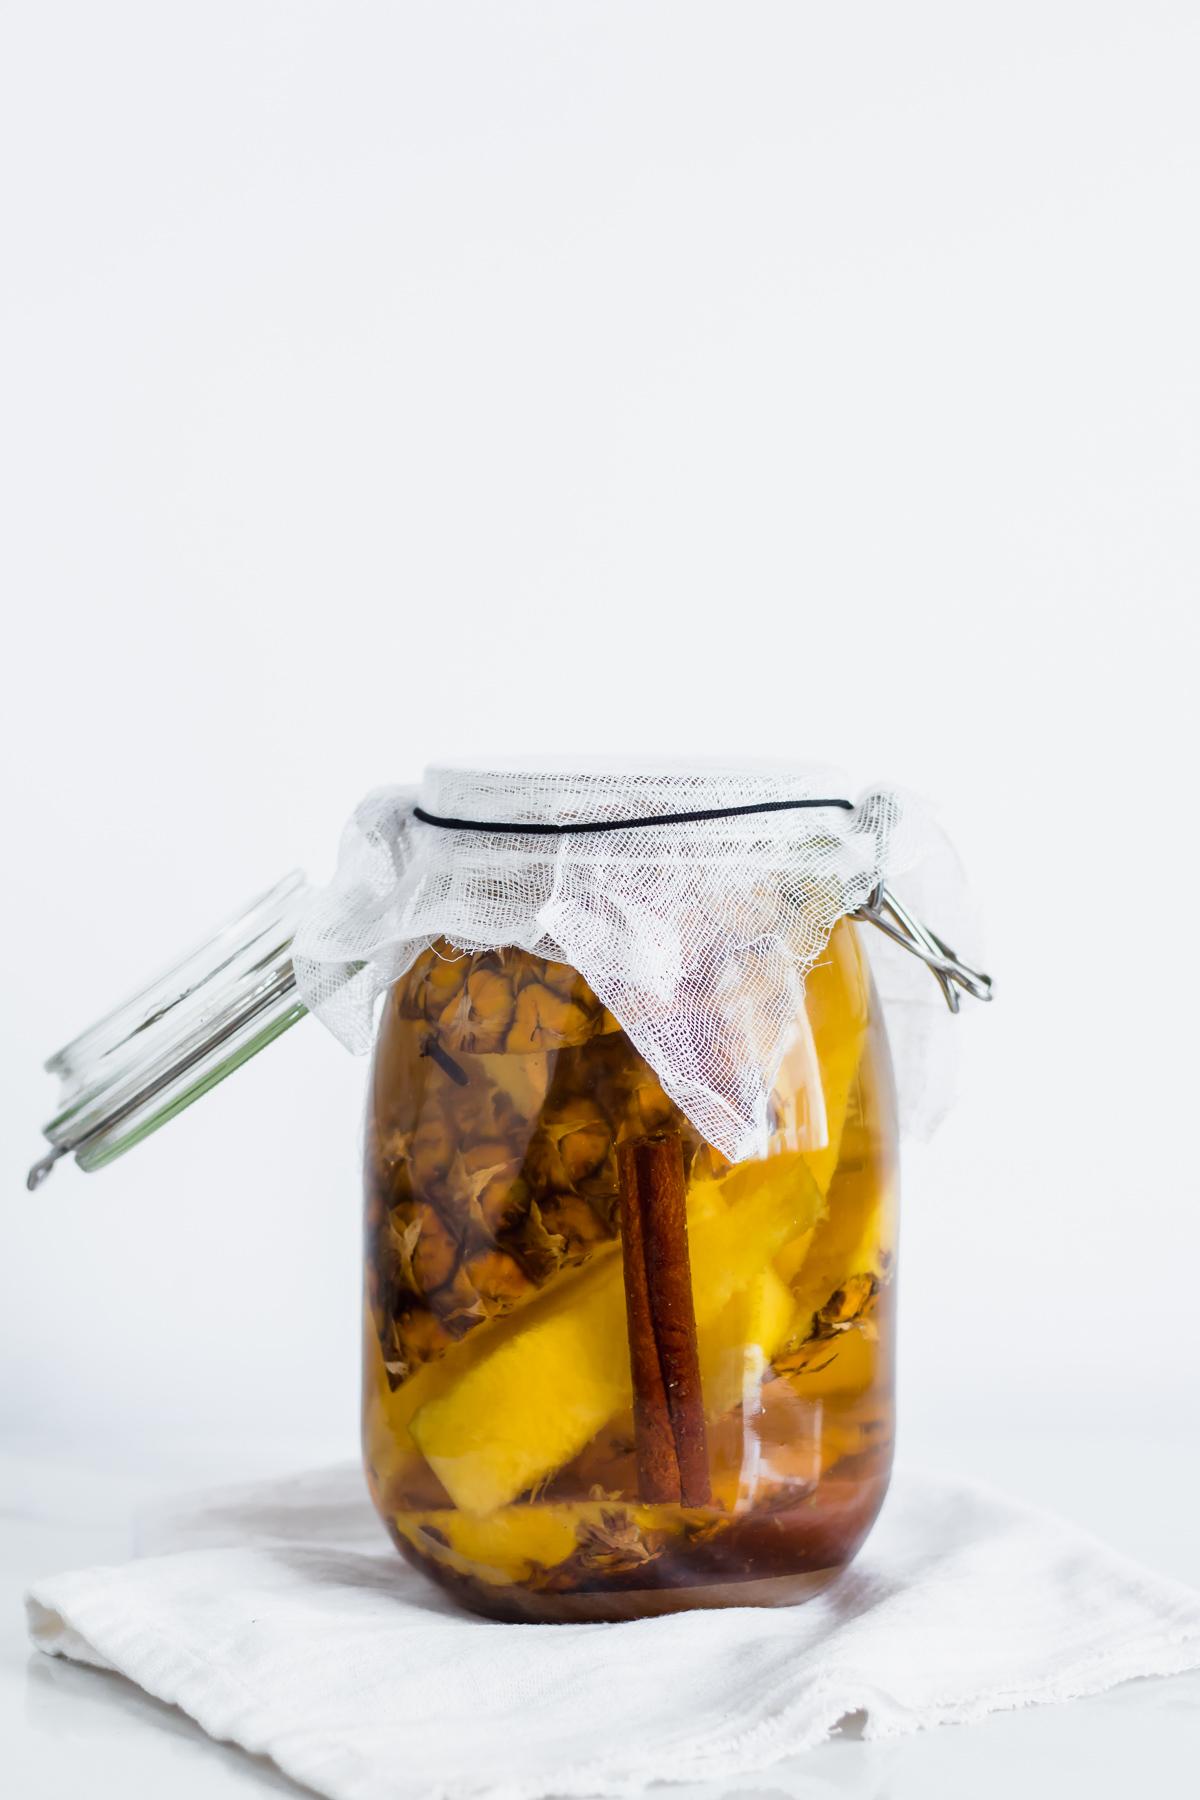 fermented pineapple soda